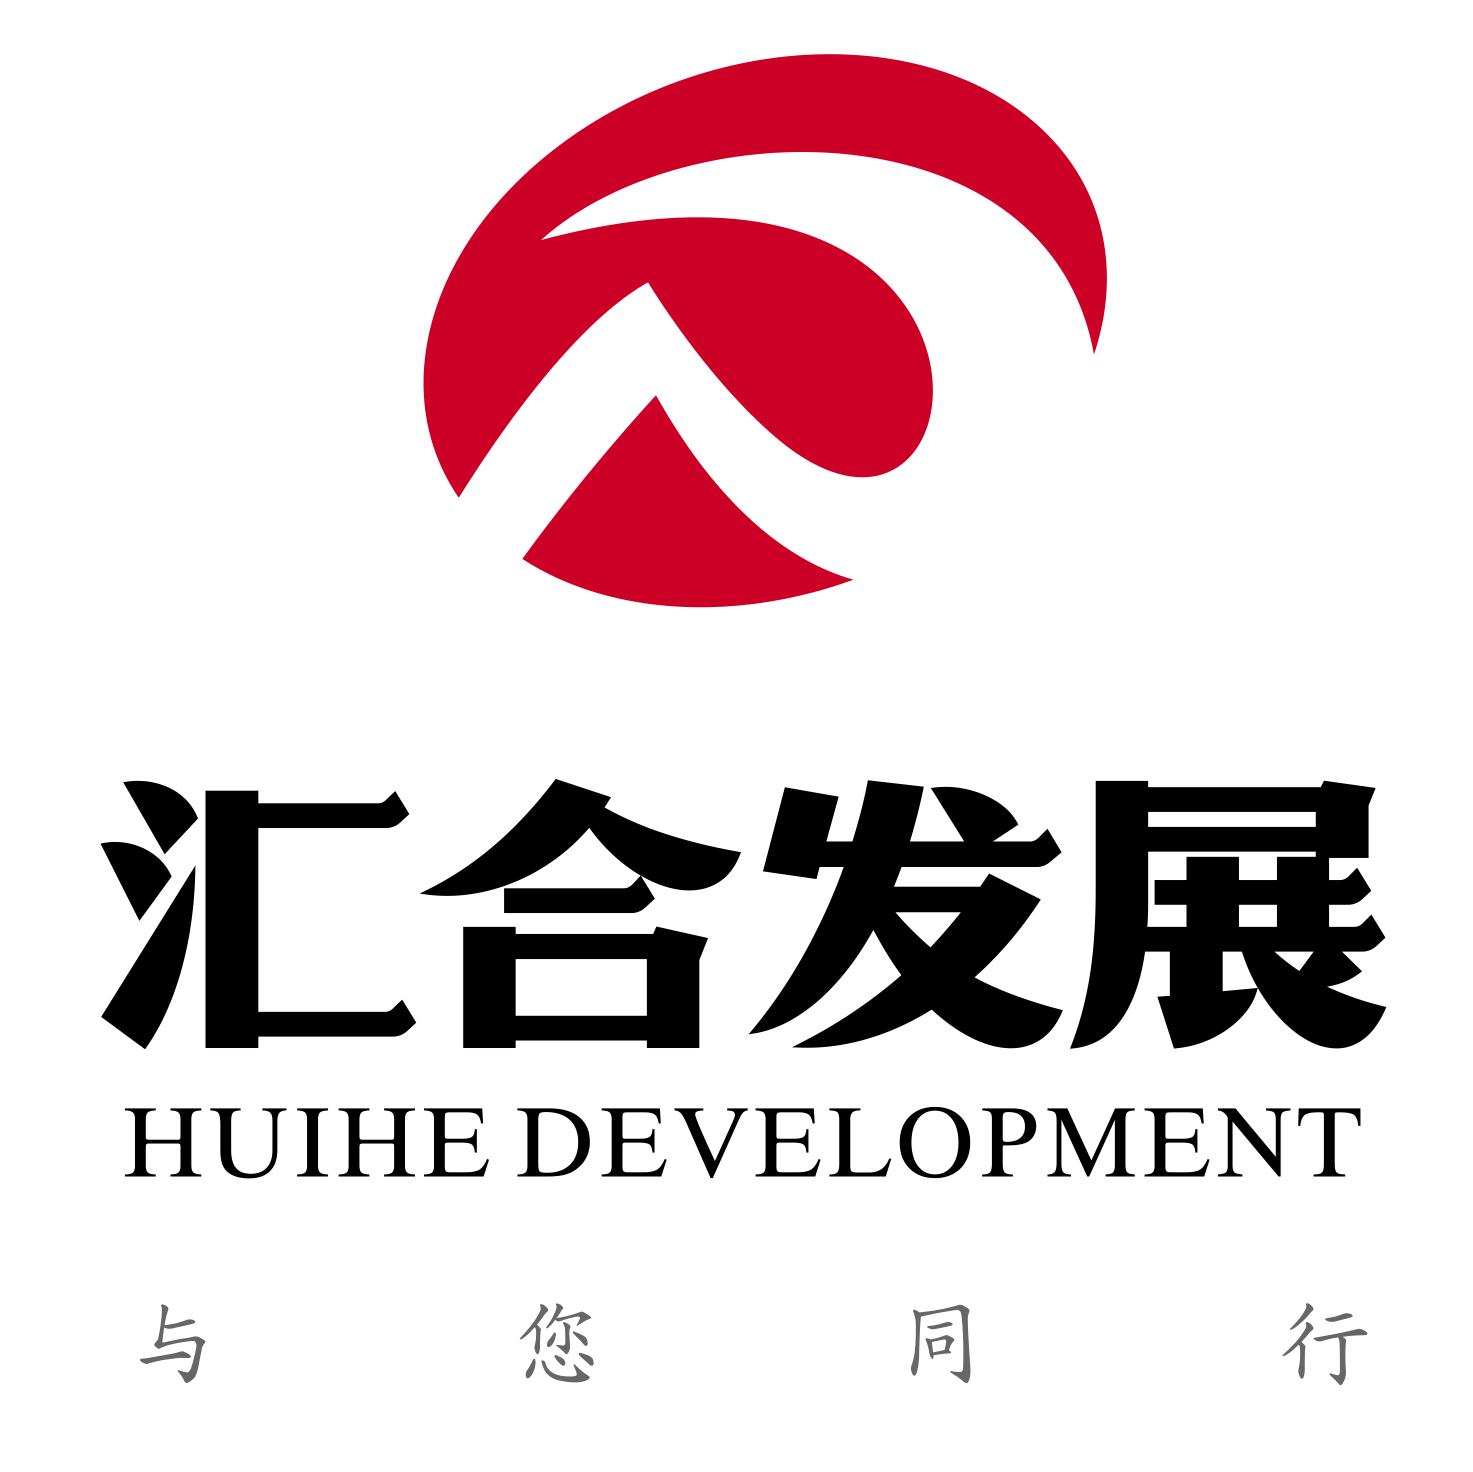 深圳市汇合发展有限公司海口分公司宣讲会